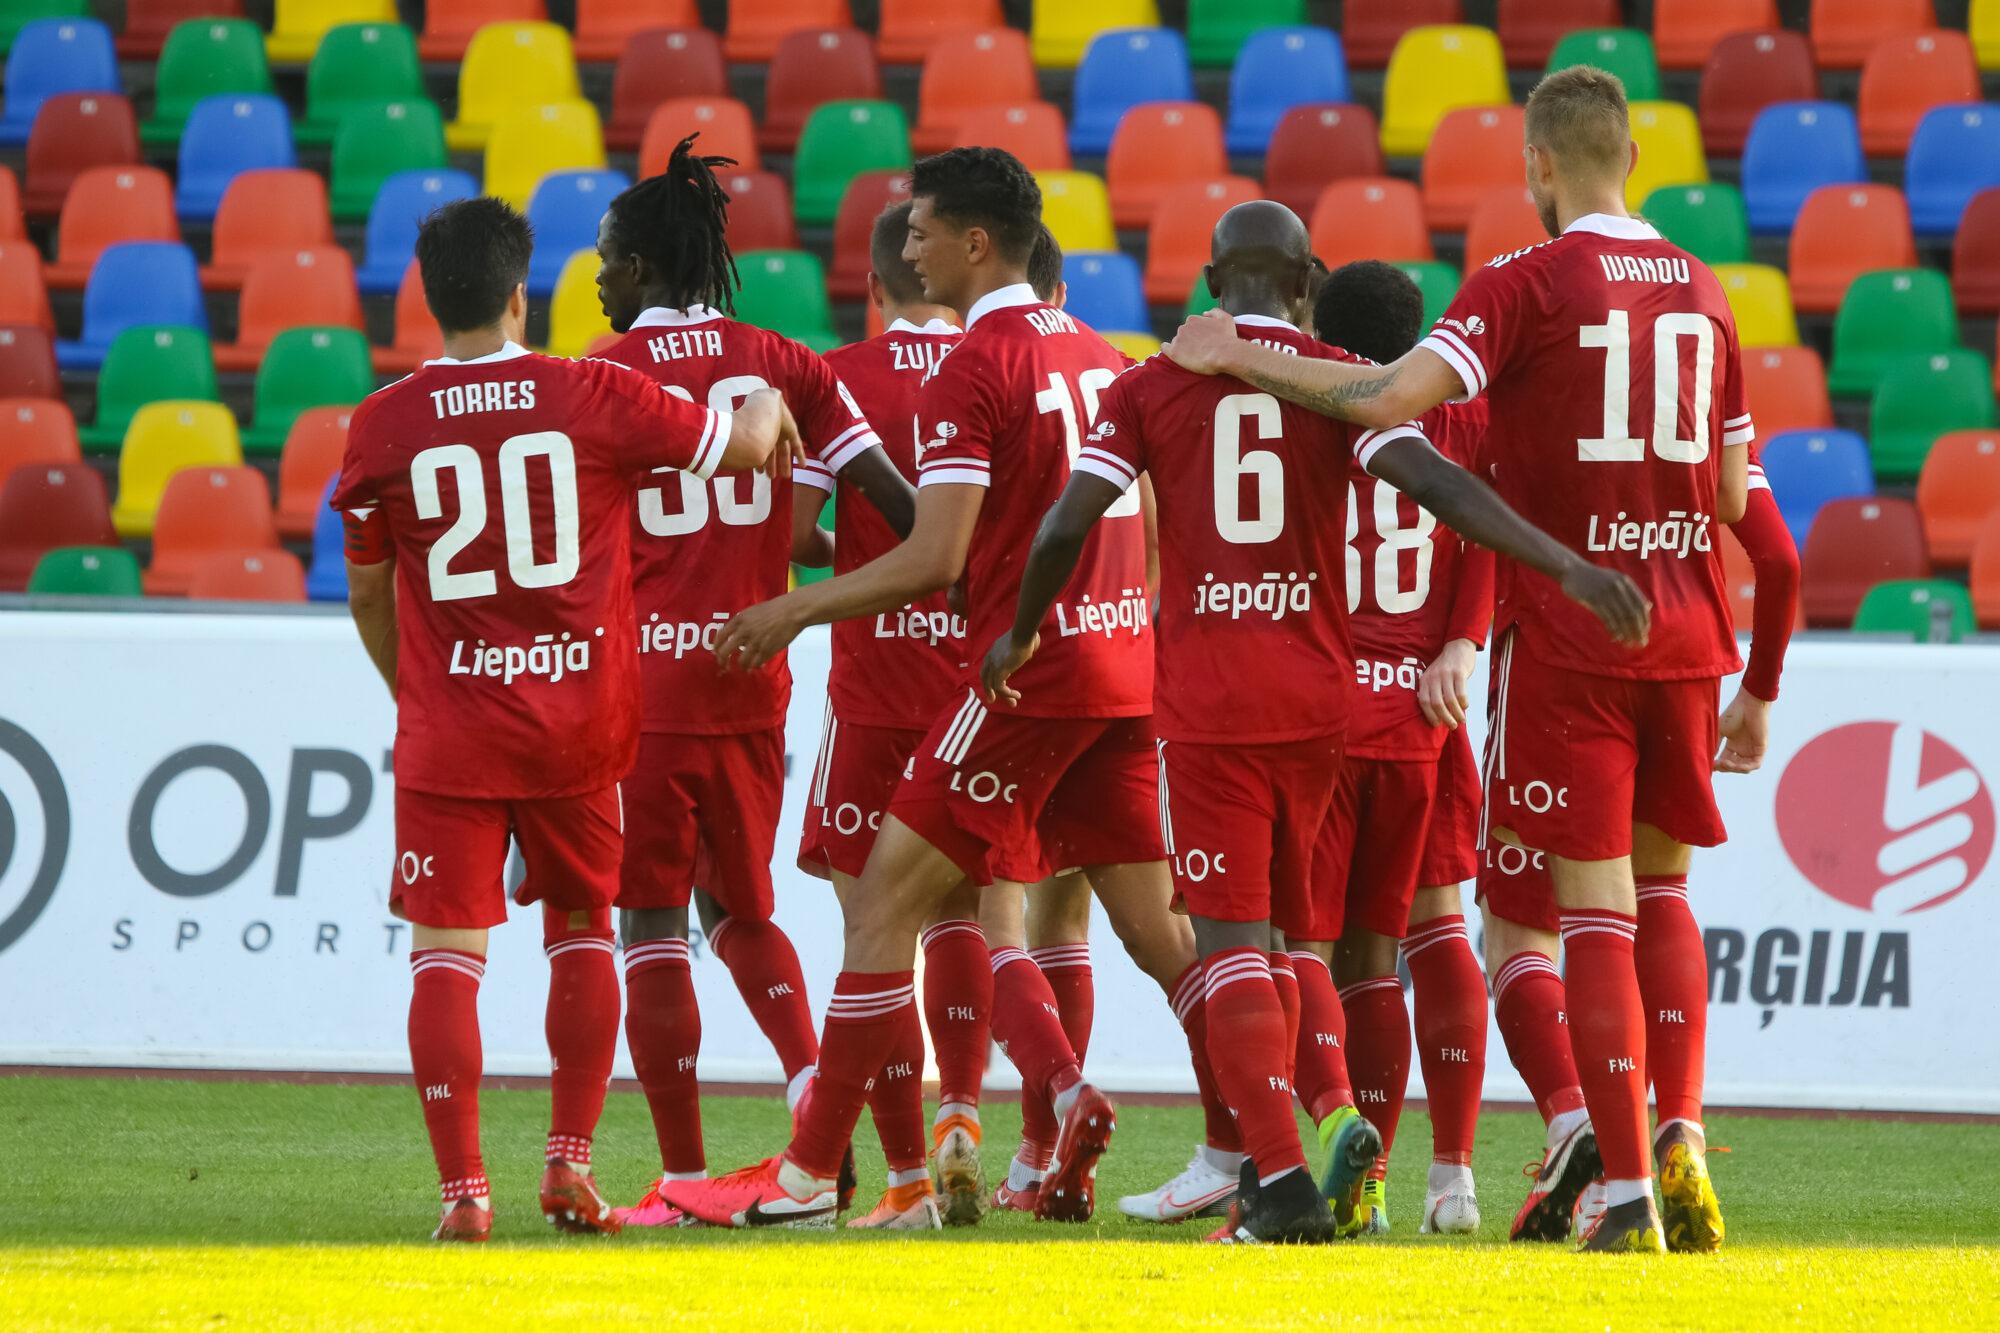 У «Лиепаи» четвертое поражение подряд в высшей лиге